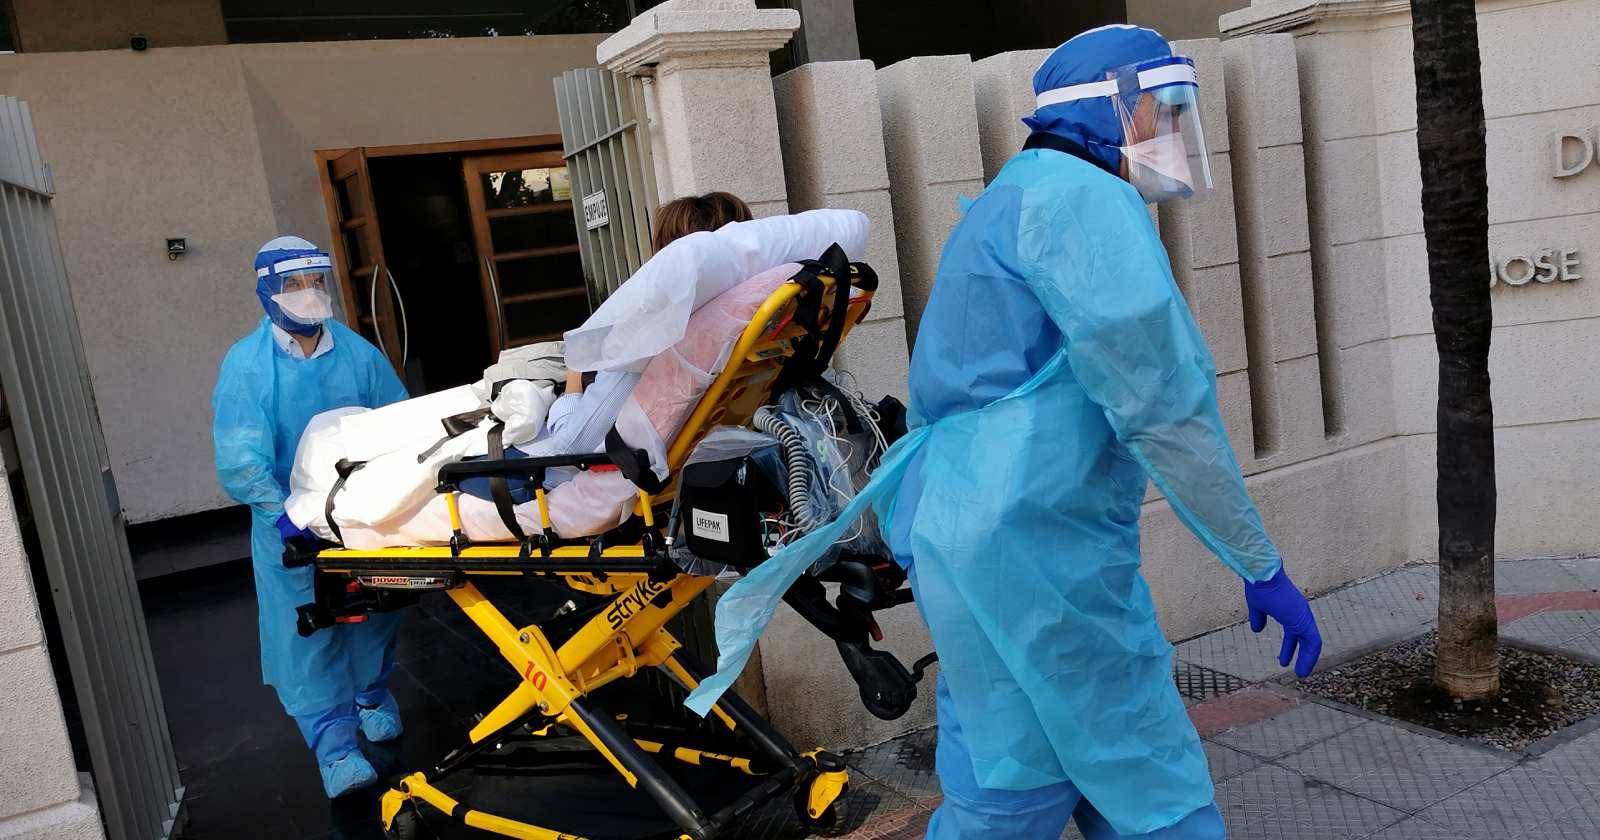 Senado pidió un bono extraordinario para personal de salud por lucha contra Covid-19